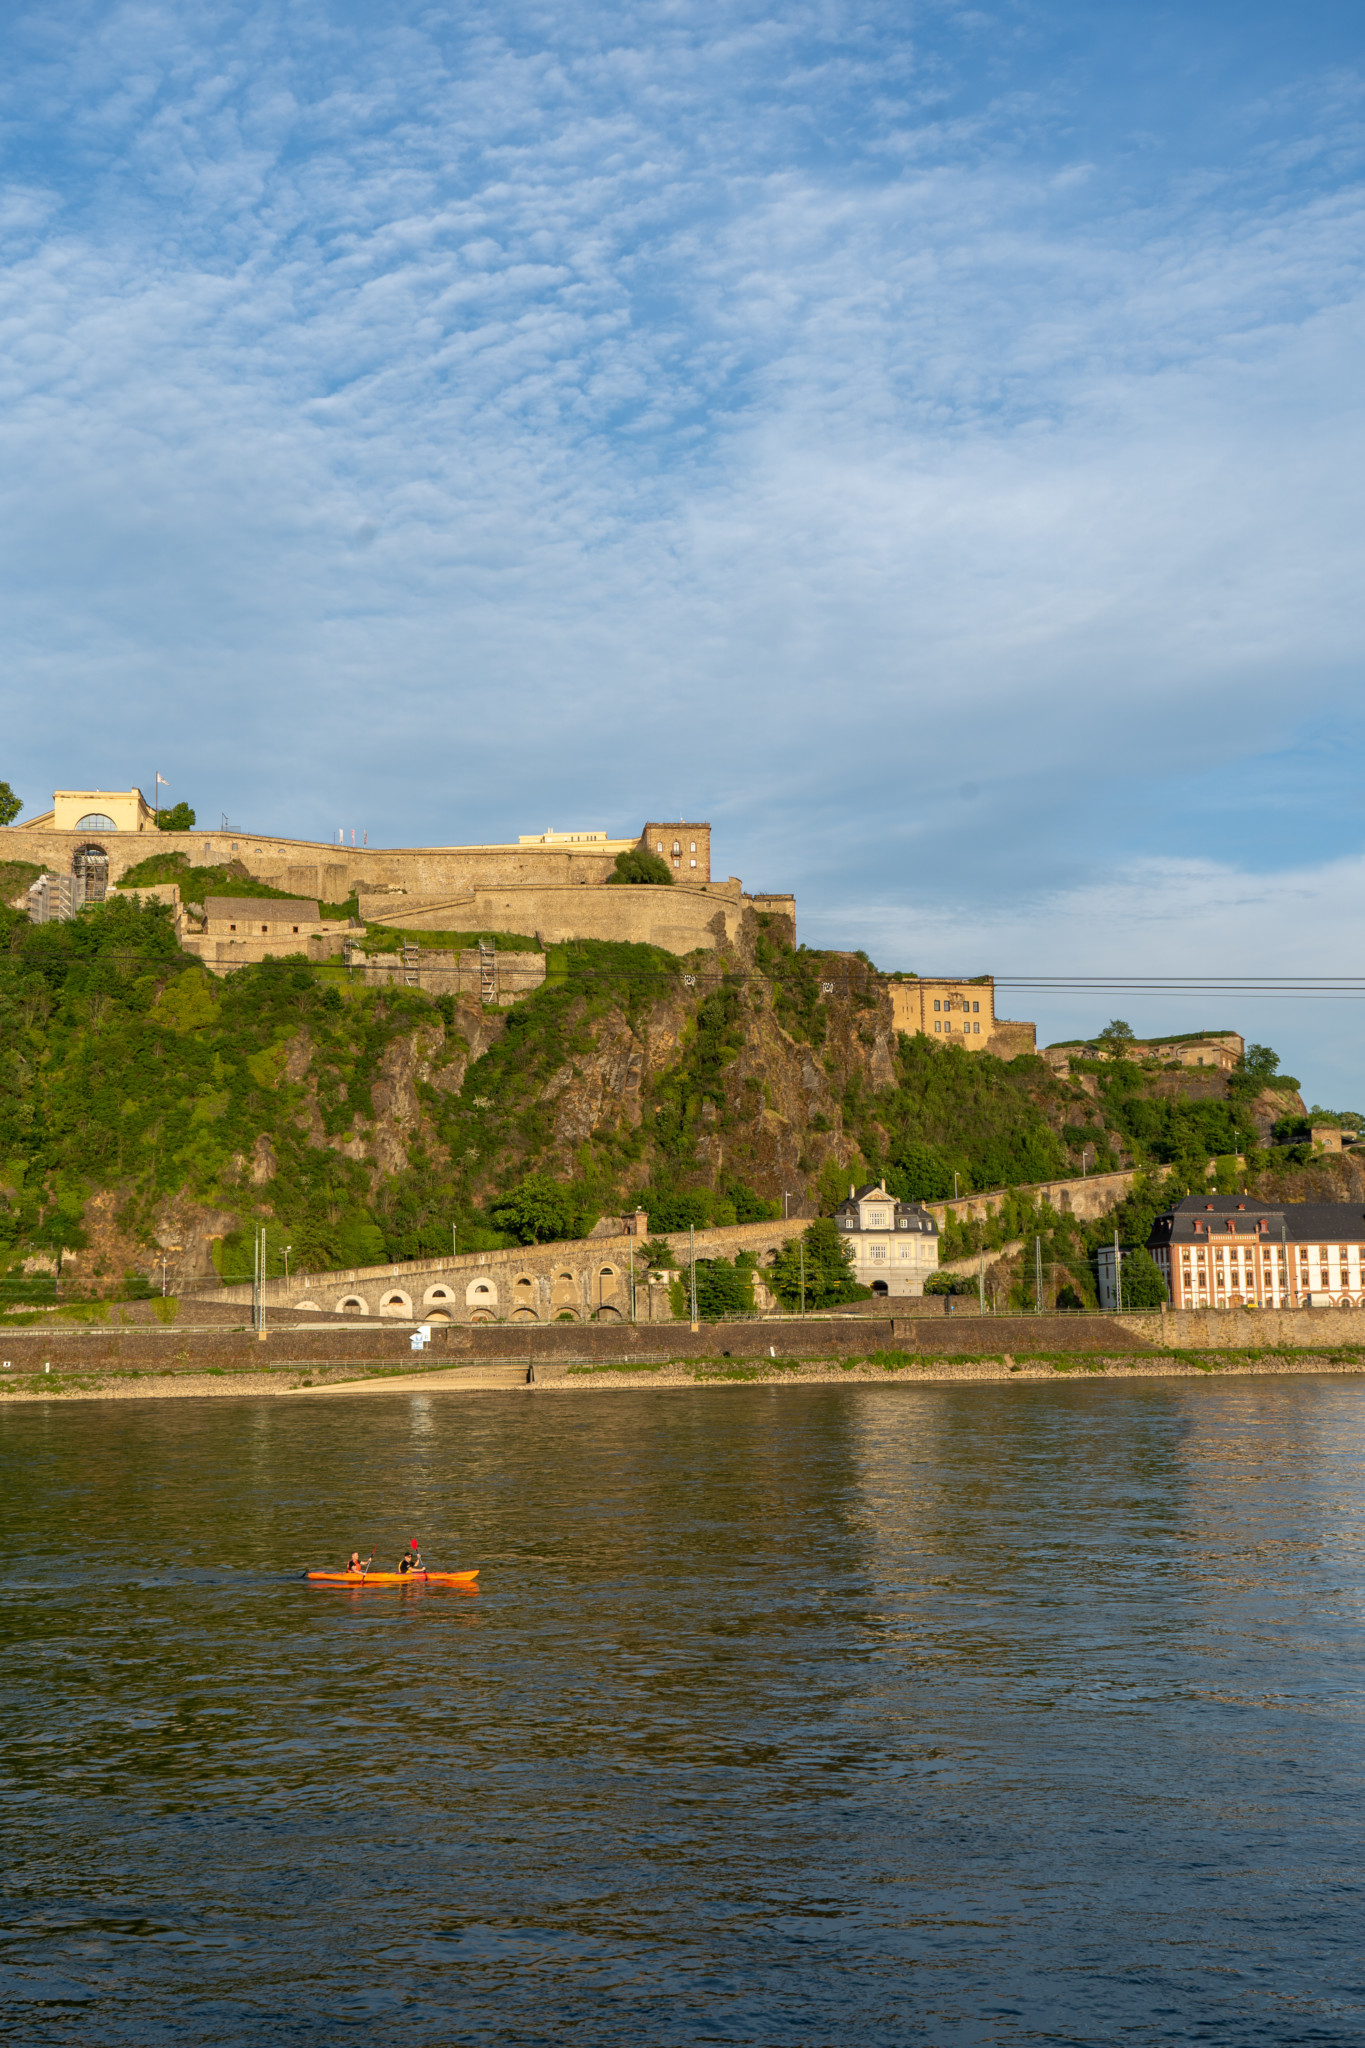 Mit der Seilbahn auf die Festung von Koblenz